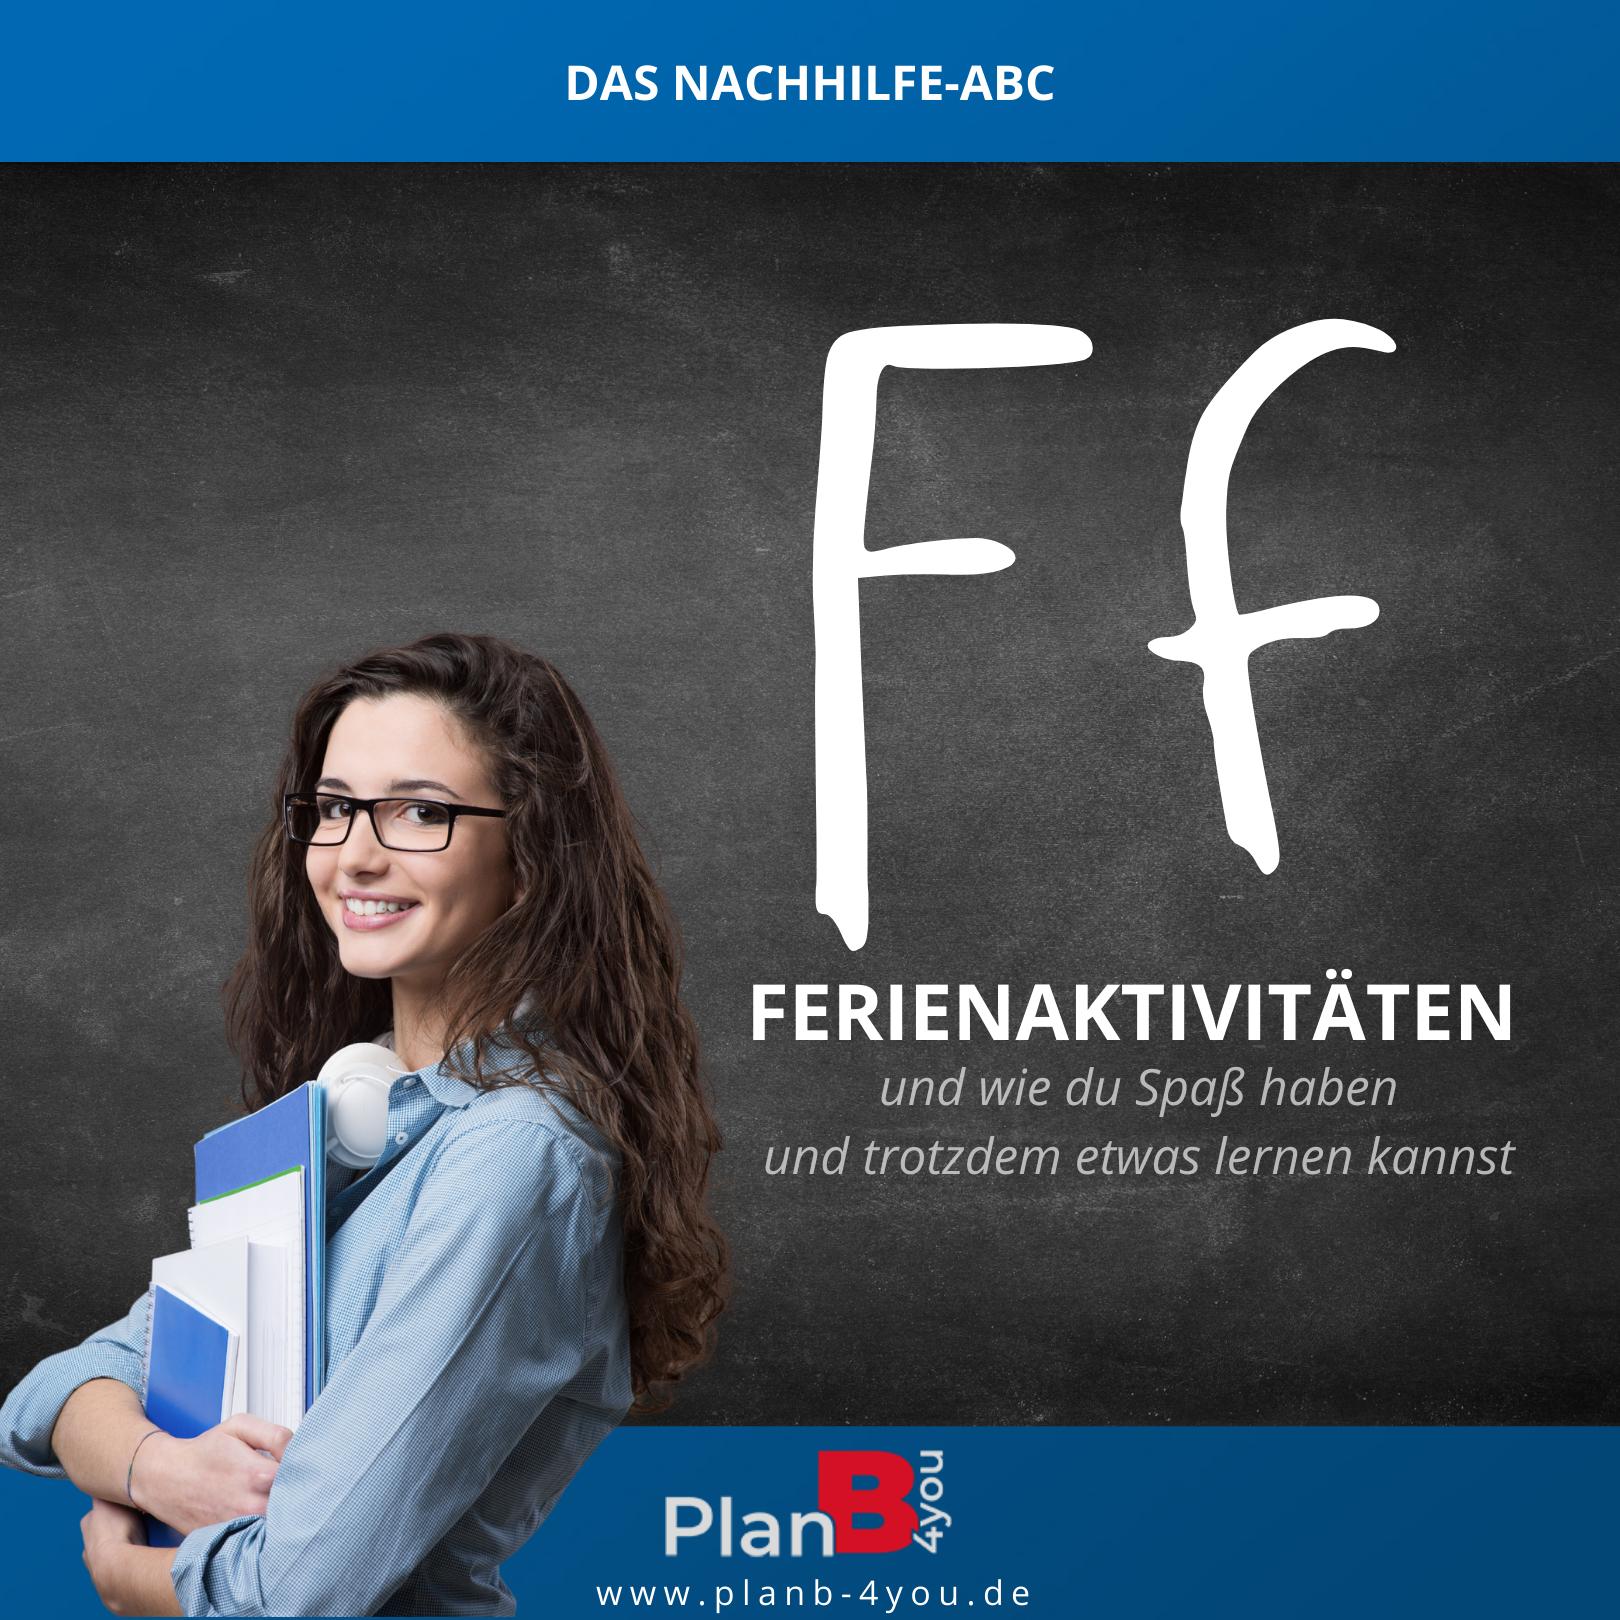 Unser Nachhilfe ABC - A wie aktives zuhören von PlanB